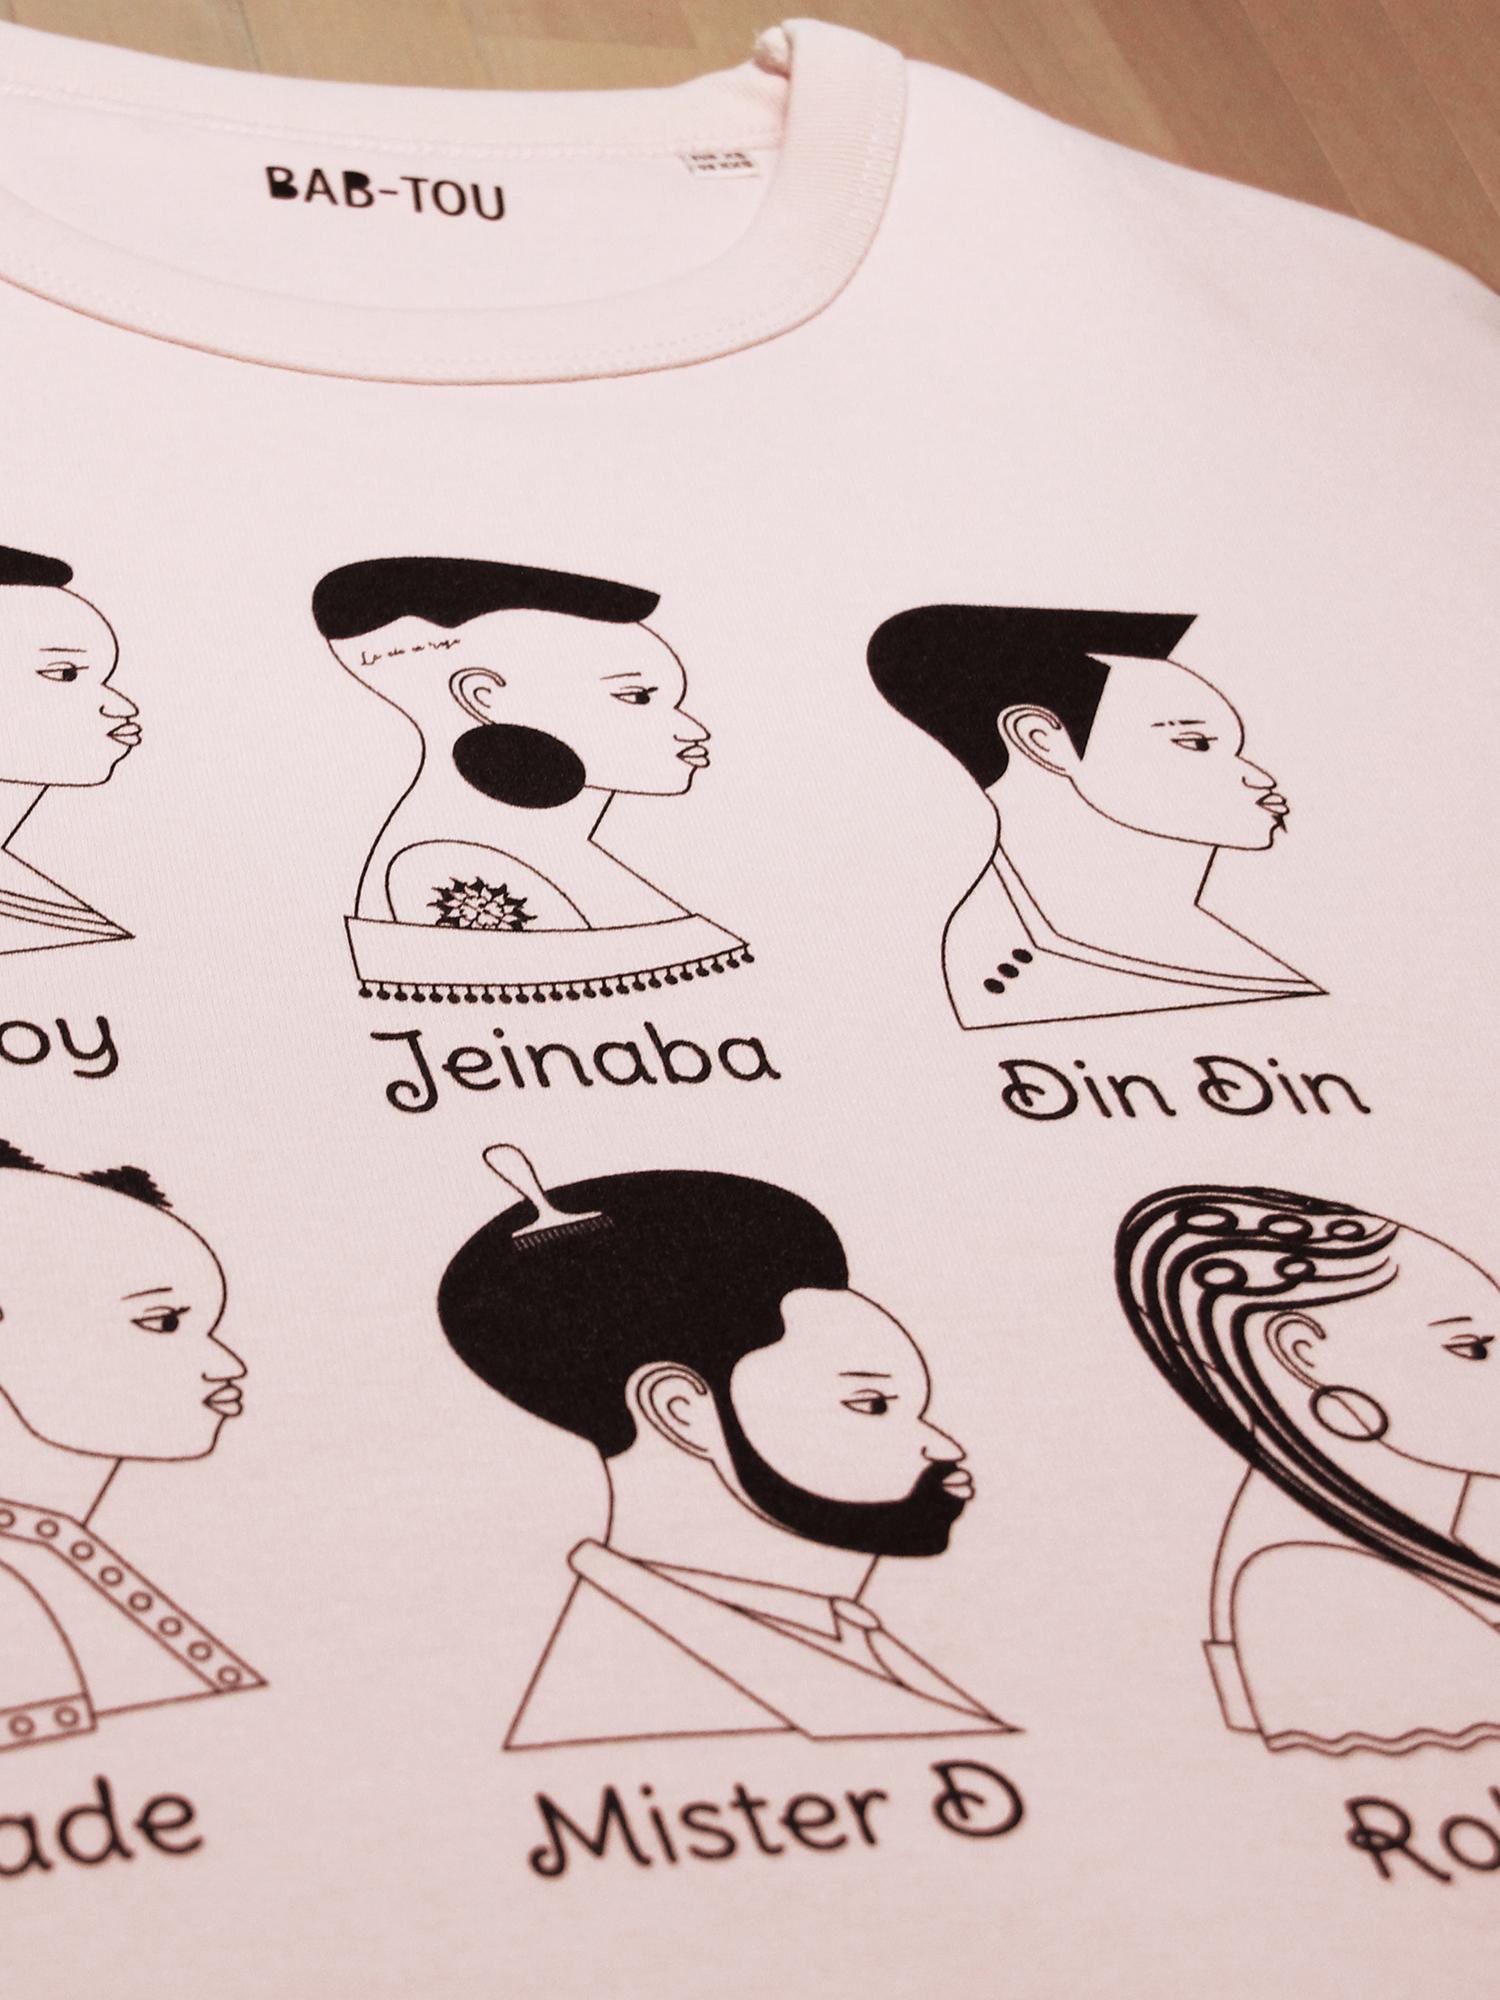 BAB-TOU / The crew